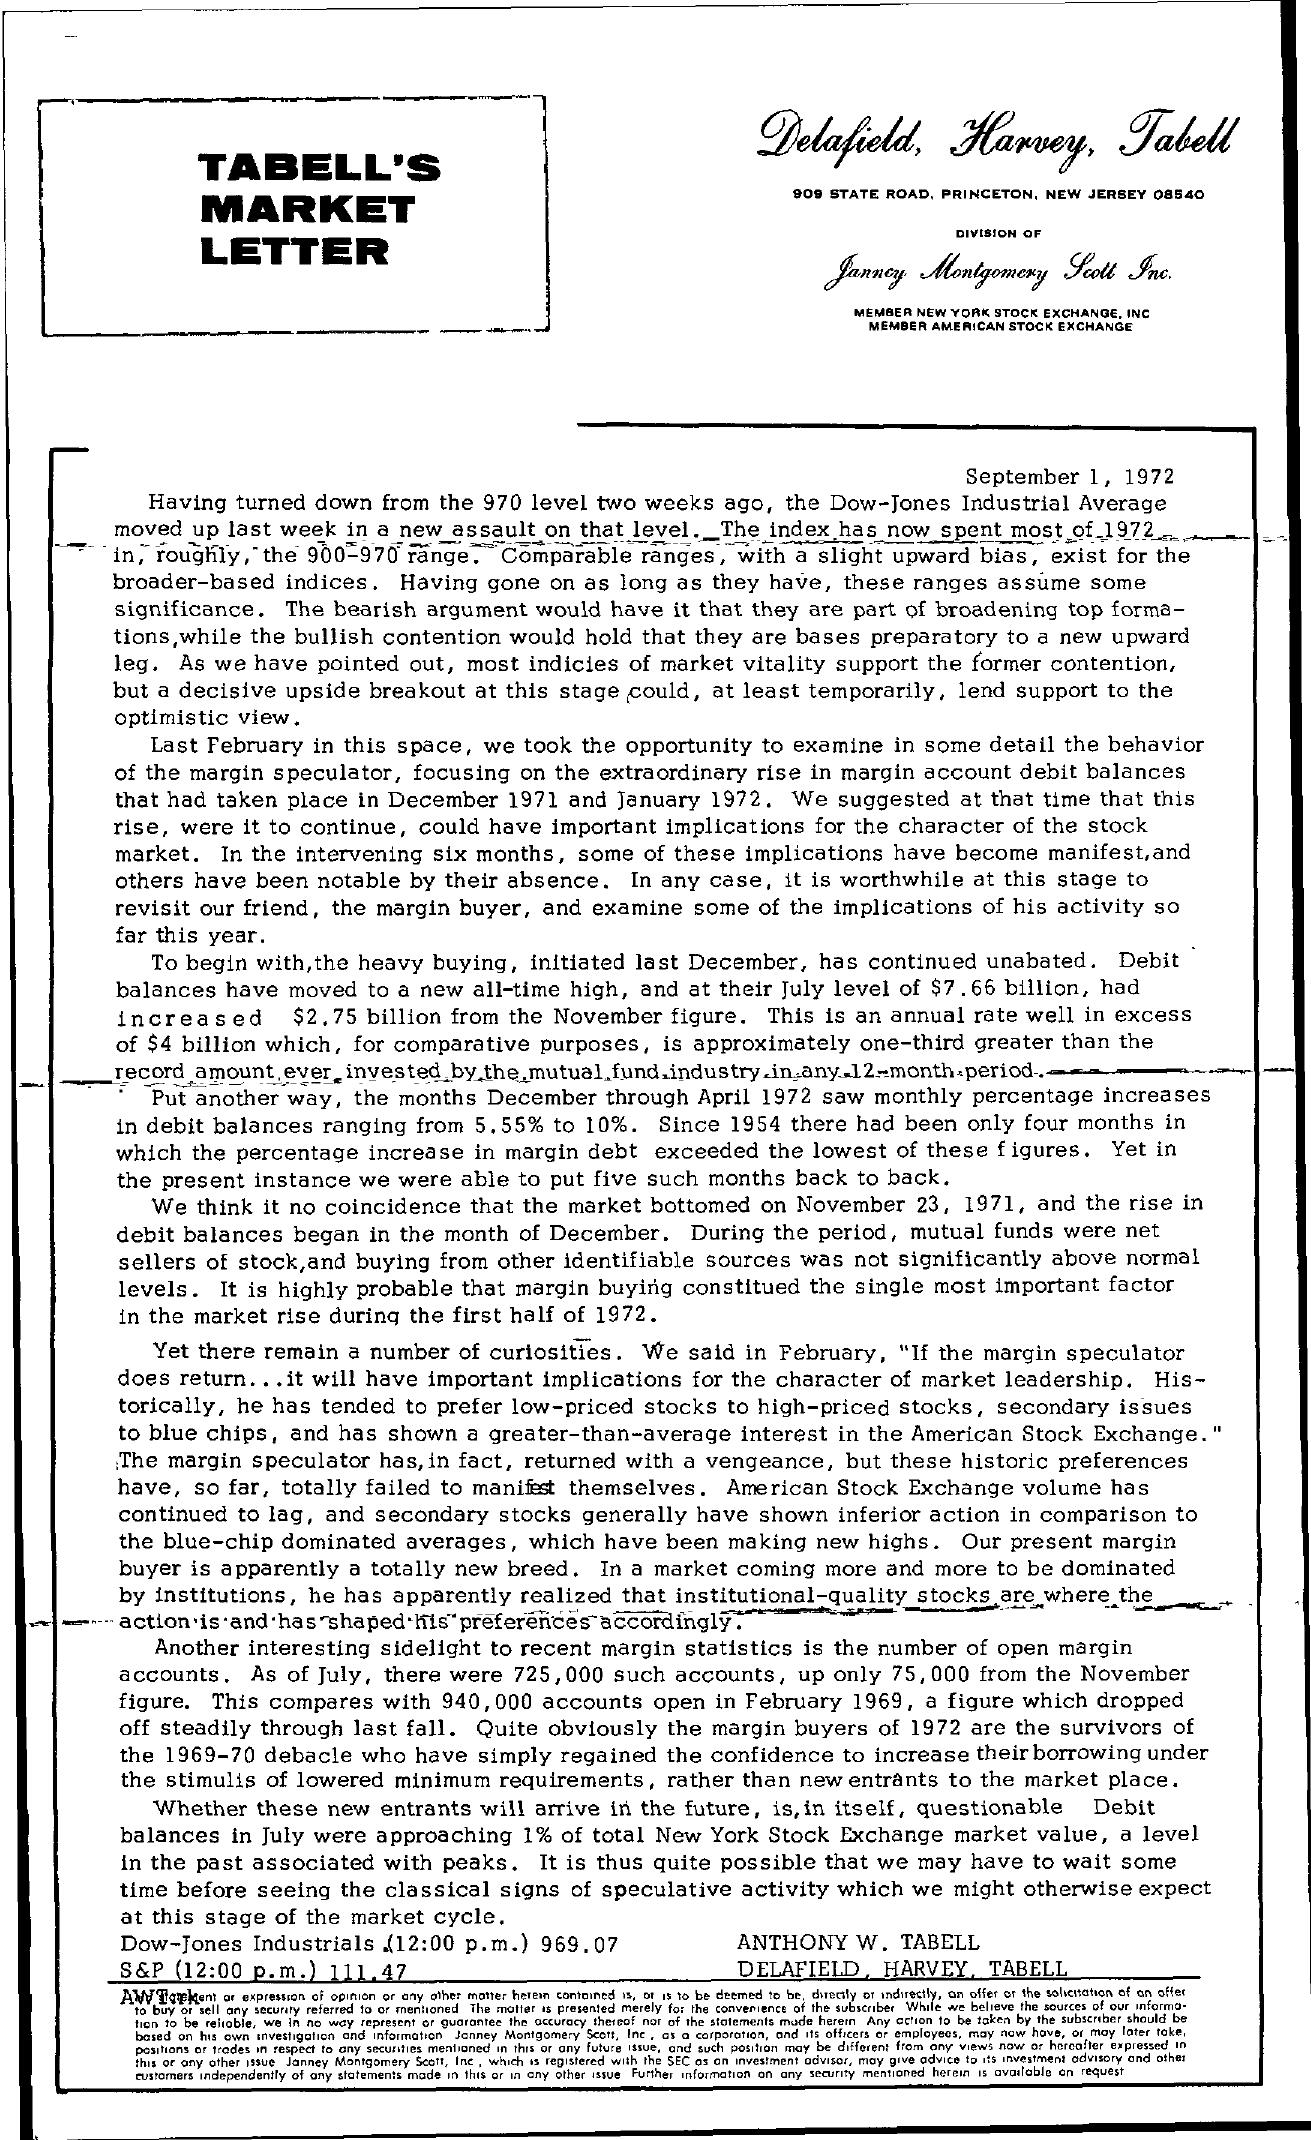 Tabell's Market Letter - September 01, 1972